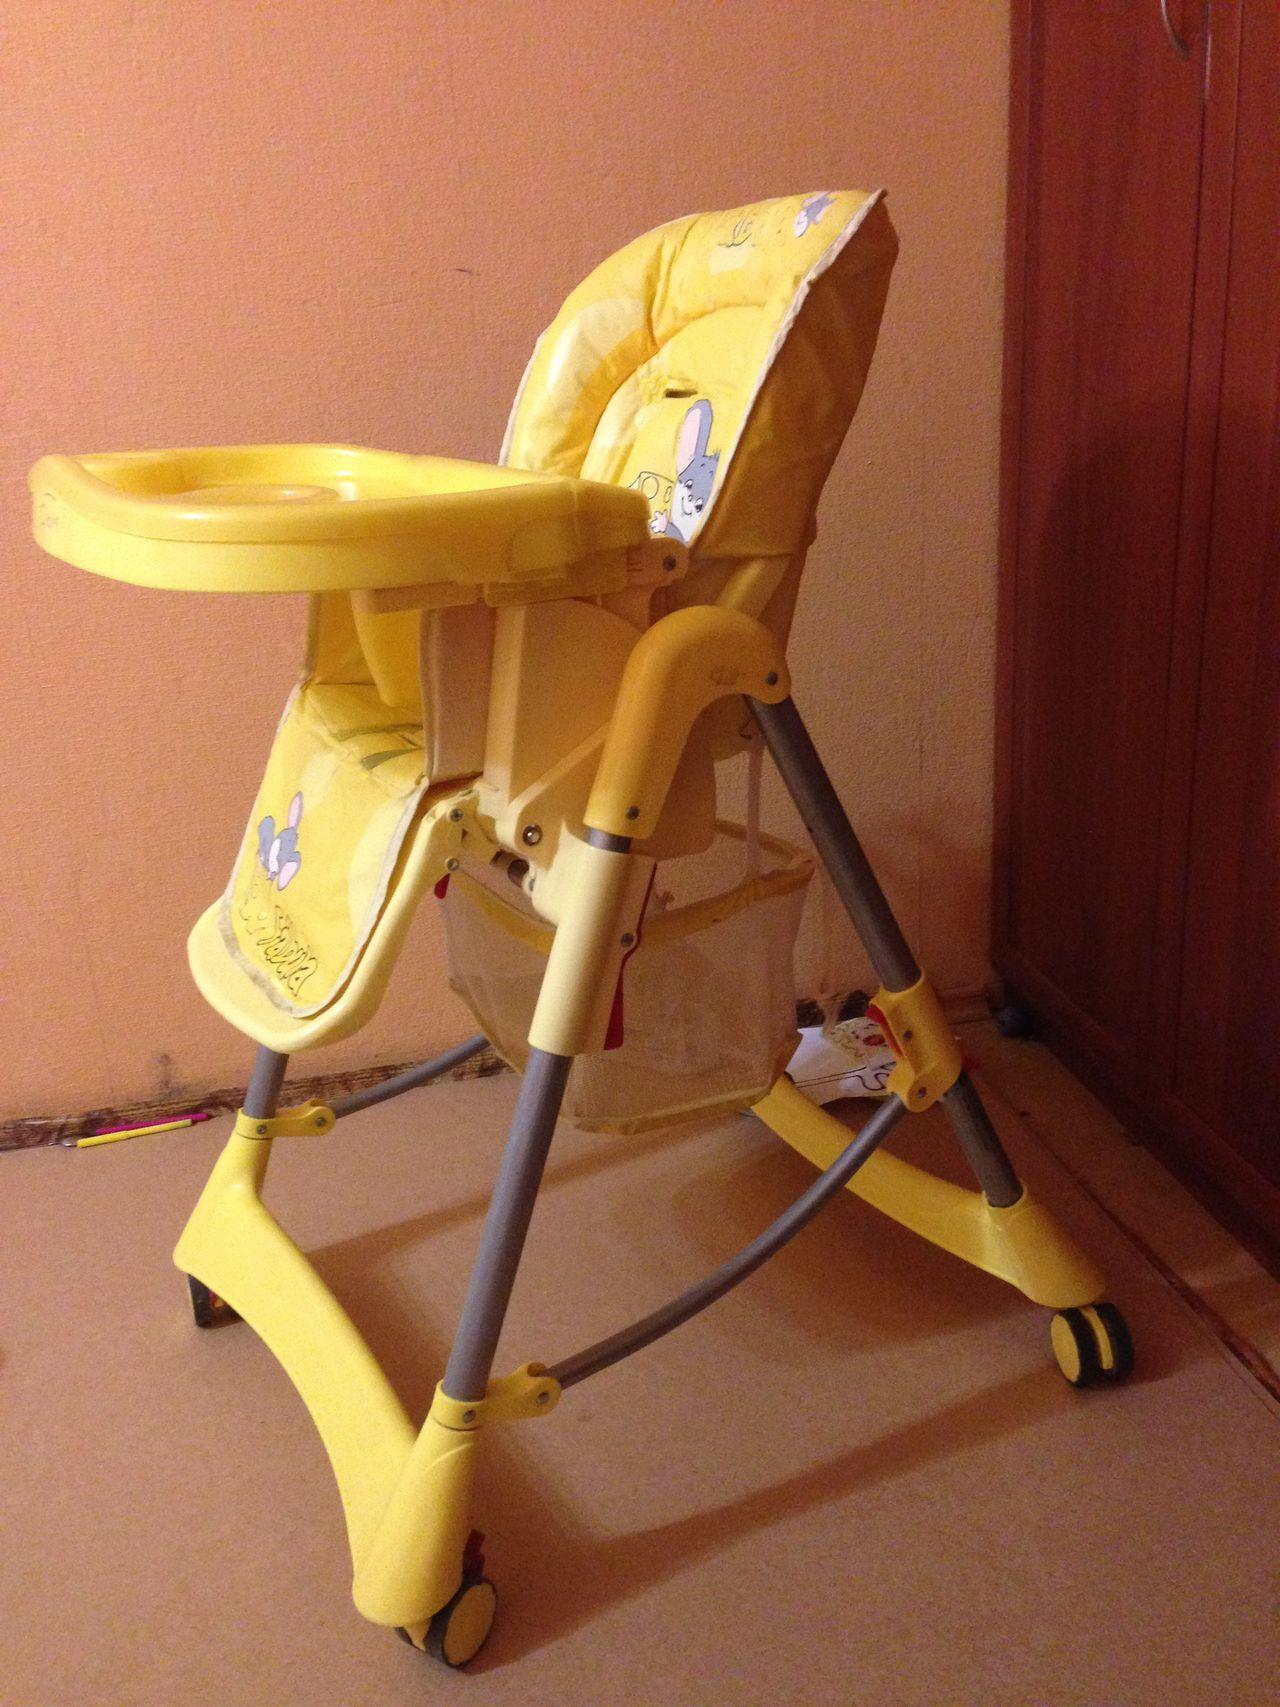 Кресло для кормления ребенка фото